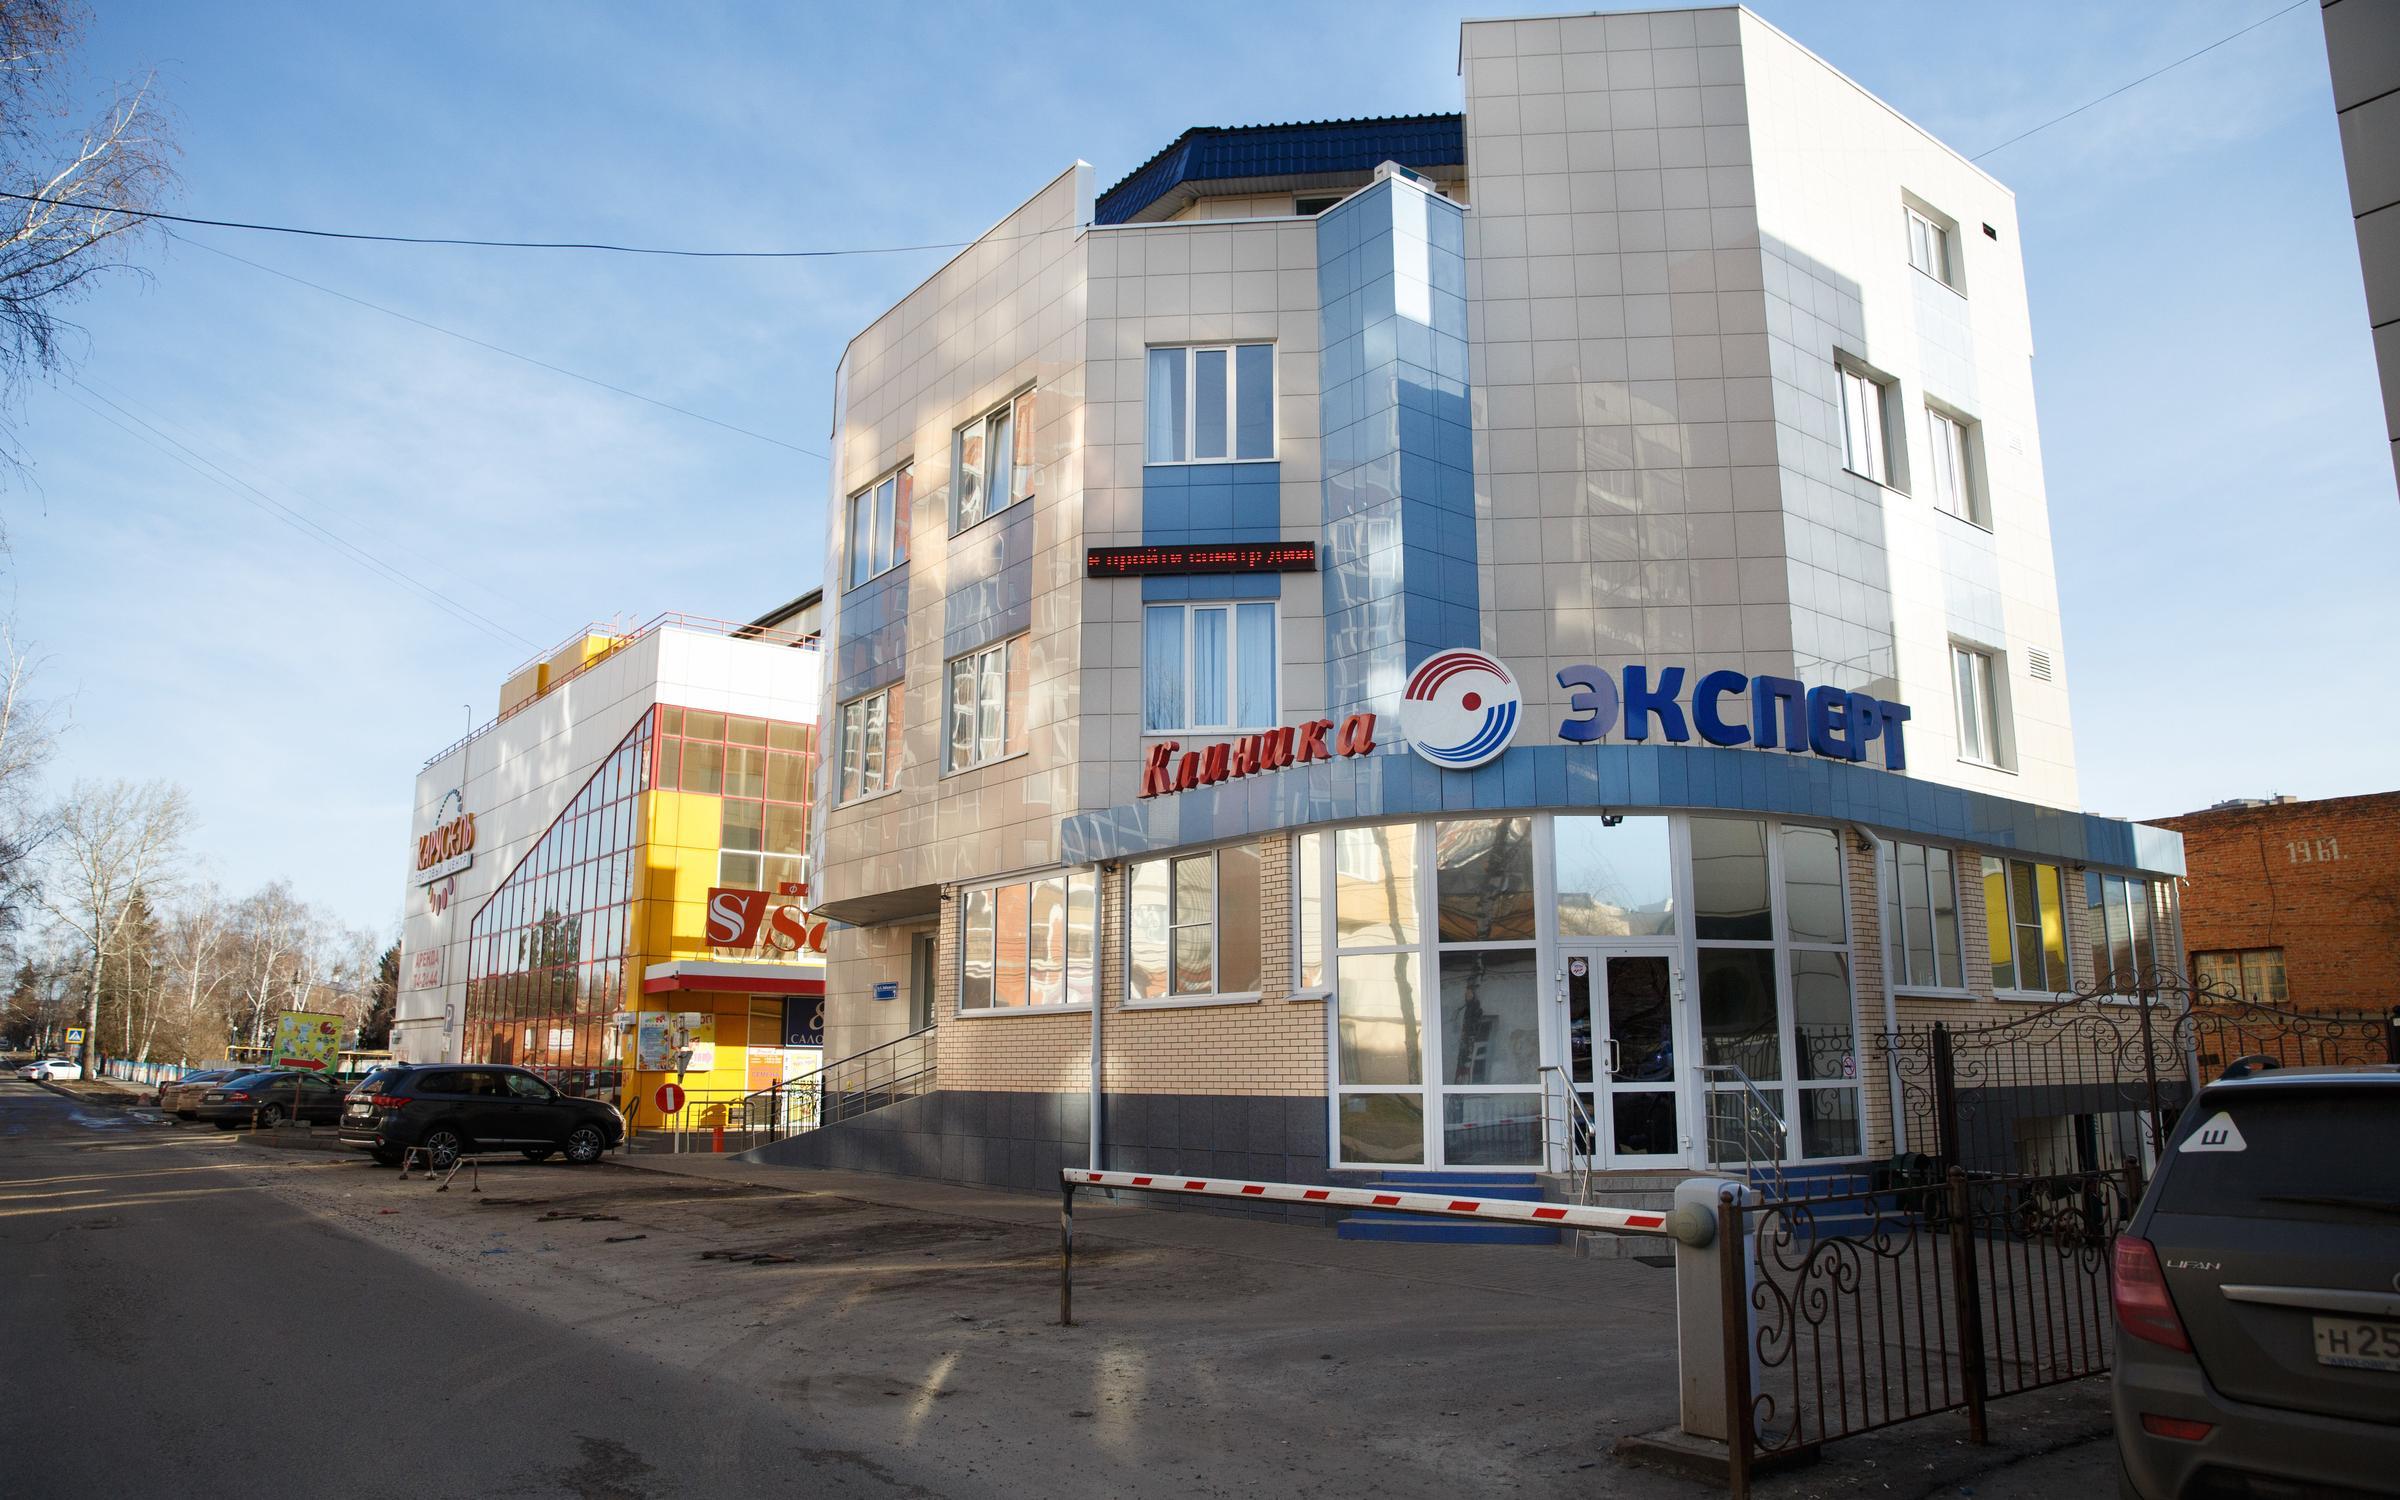 фотография Многопрофильного центра Клиника Эксперт на улице Карла Либкнехта, 7